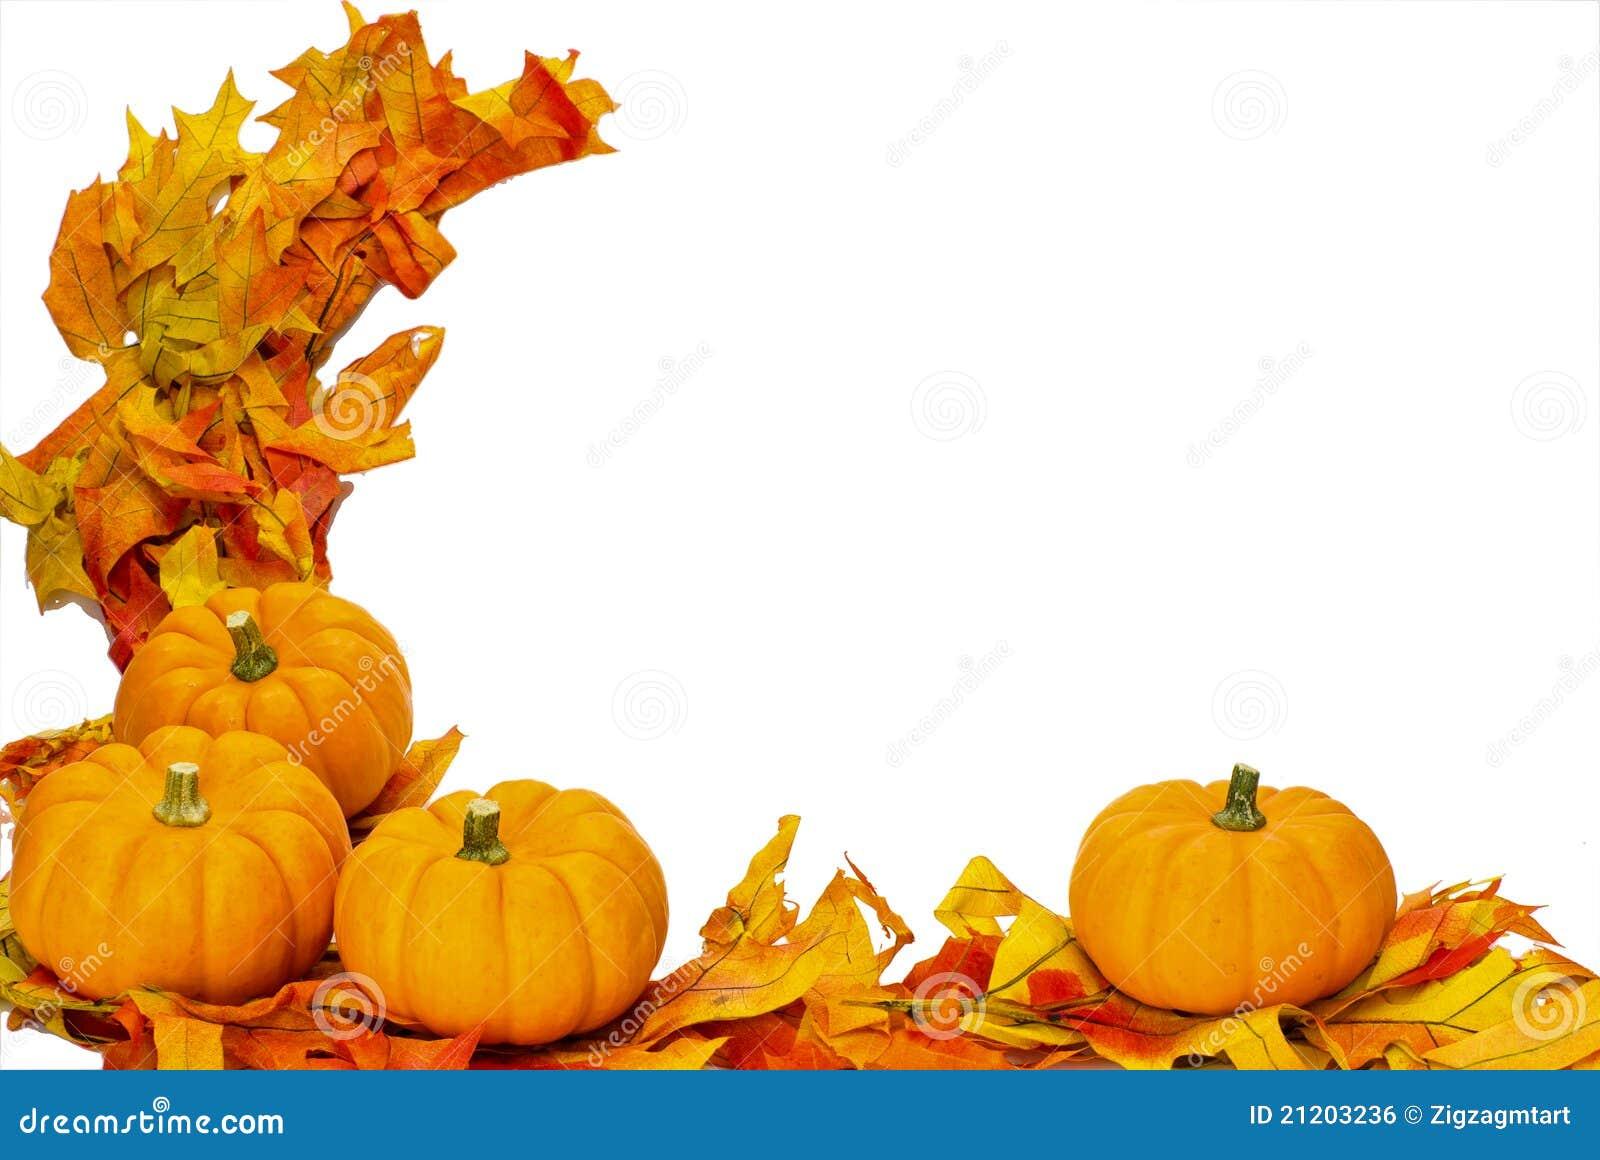 Decorazione di Halloween di ringraziamento di caduta isolata